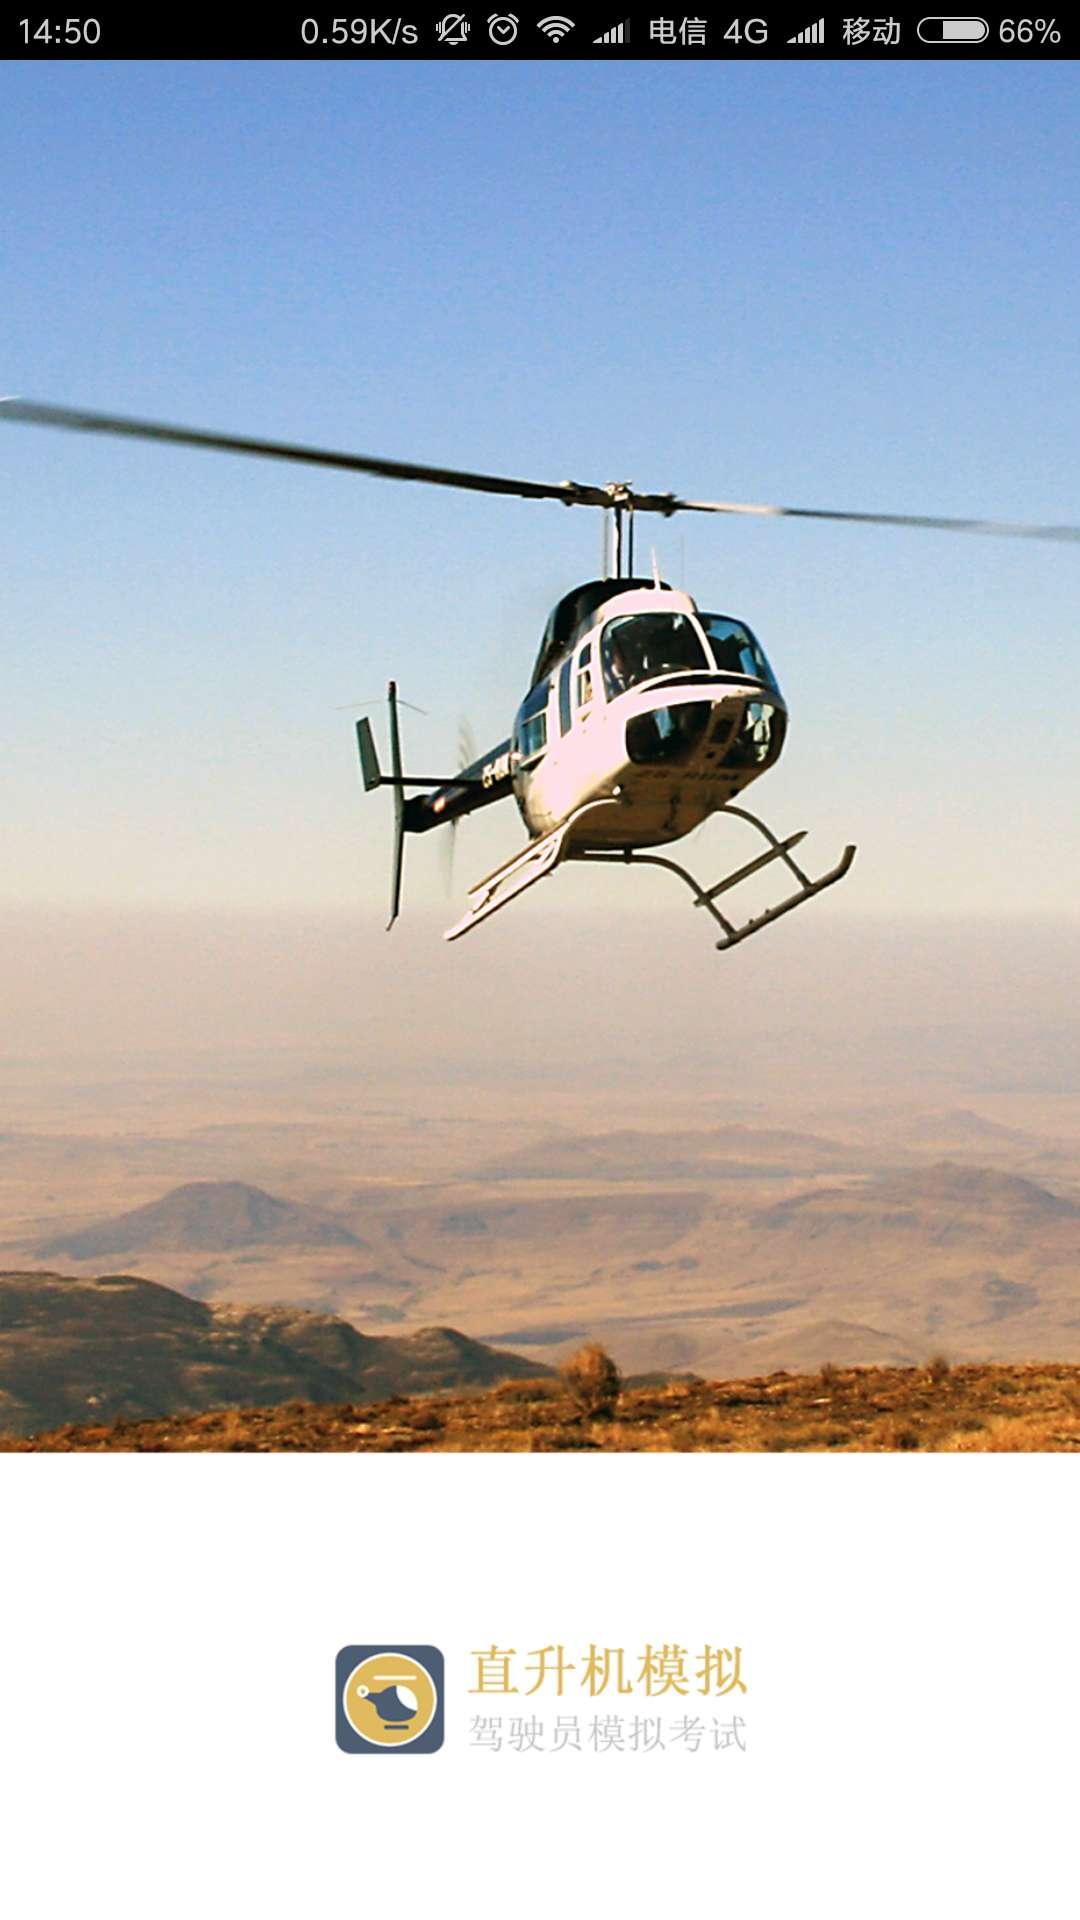 直升机驾驶员理论考试模拟系统截图(1)